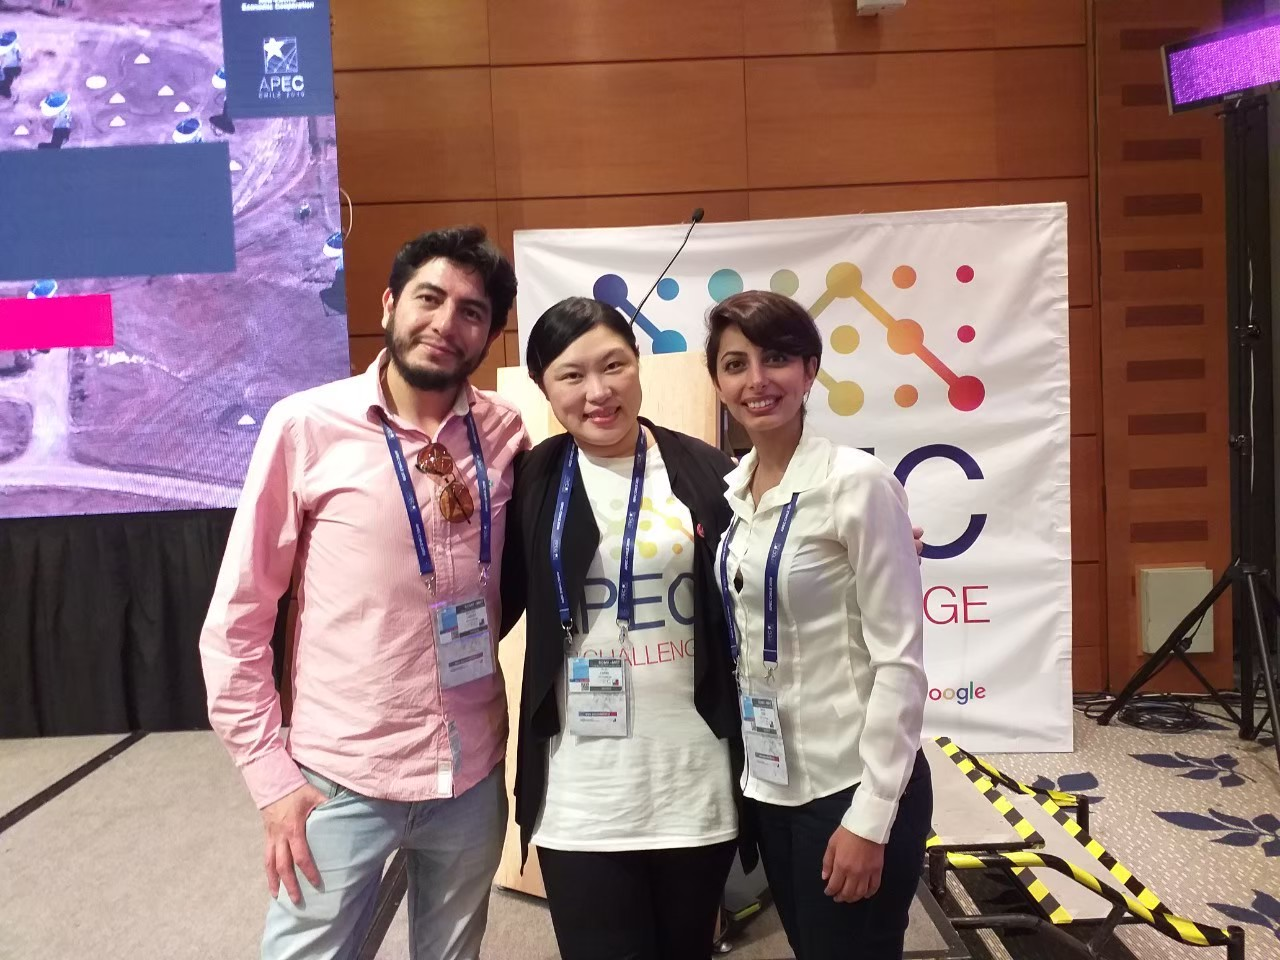 2019年鄭惠如代表台灣參加亞太經濟合作(APEC)主辦的App開發競賽,題目是幫助女性企業家順利取得投資。